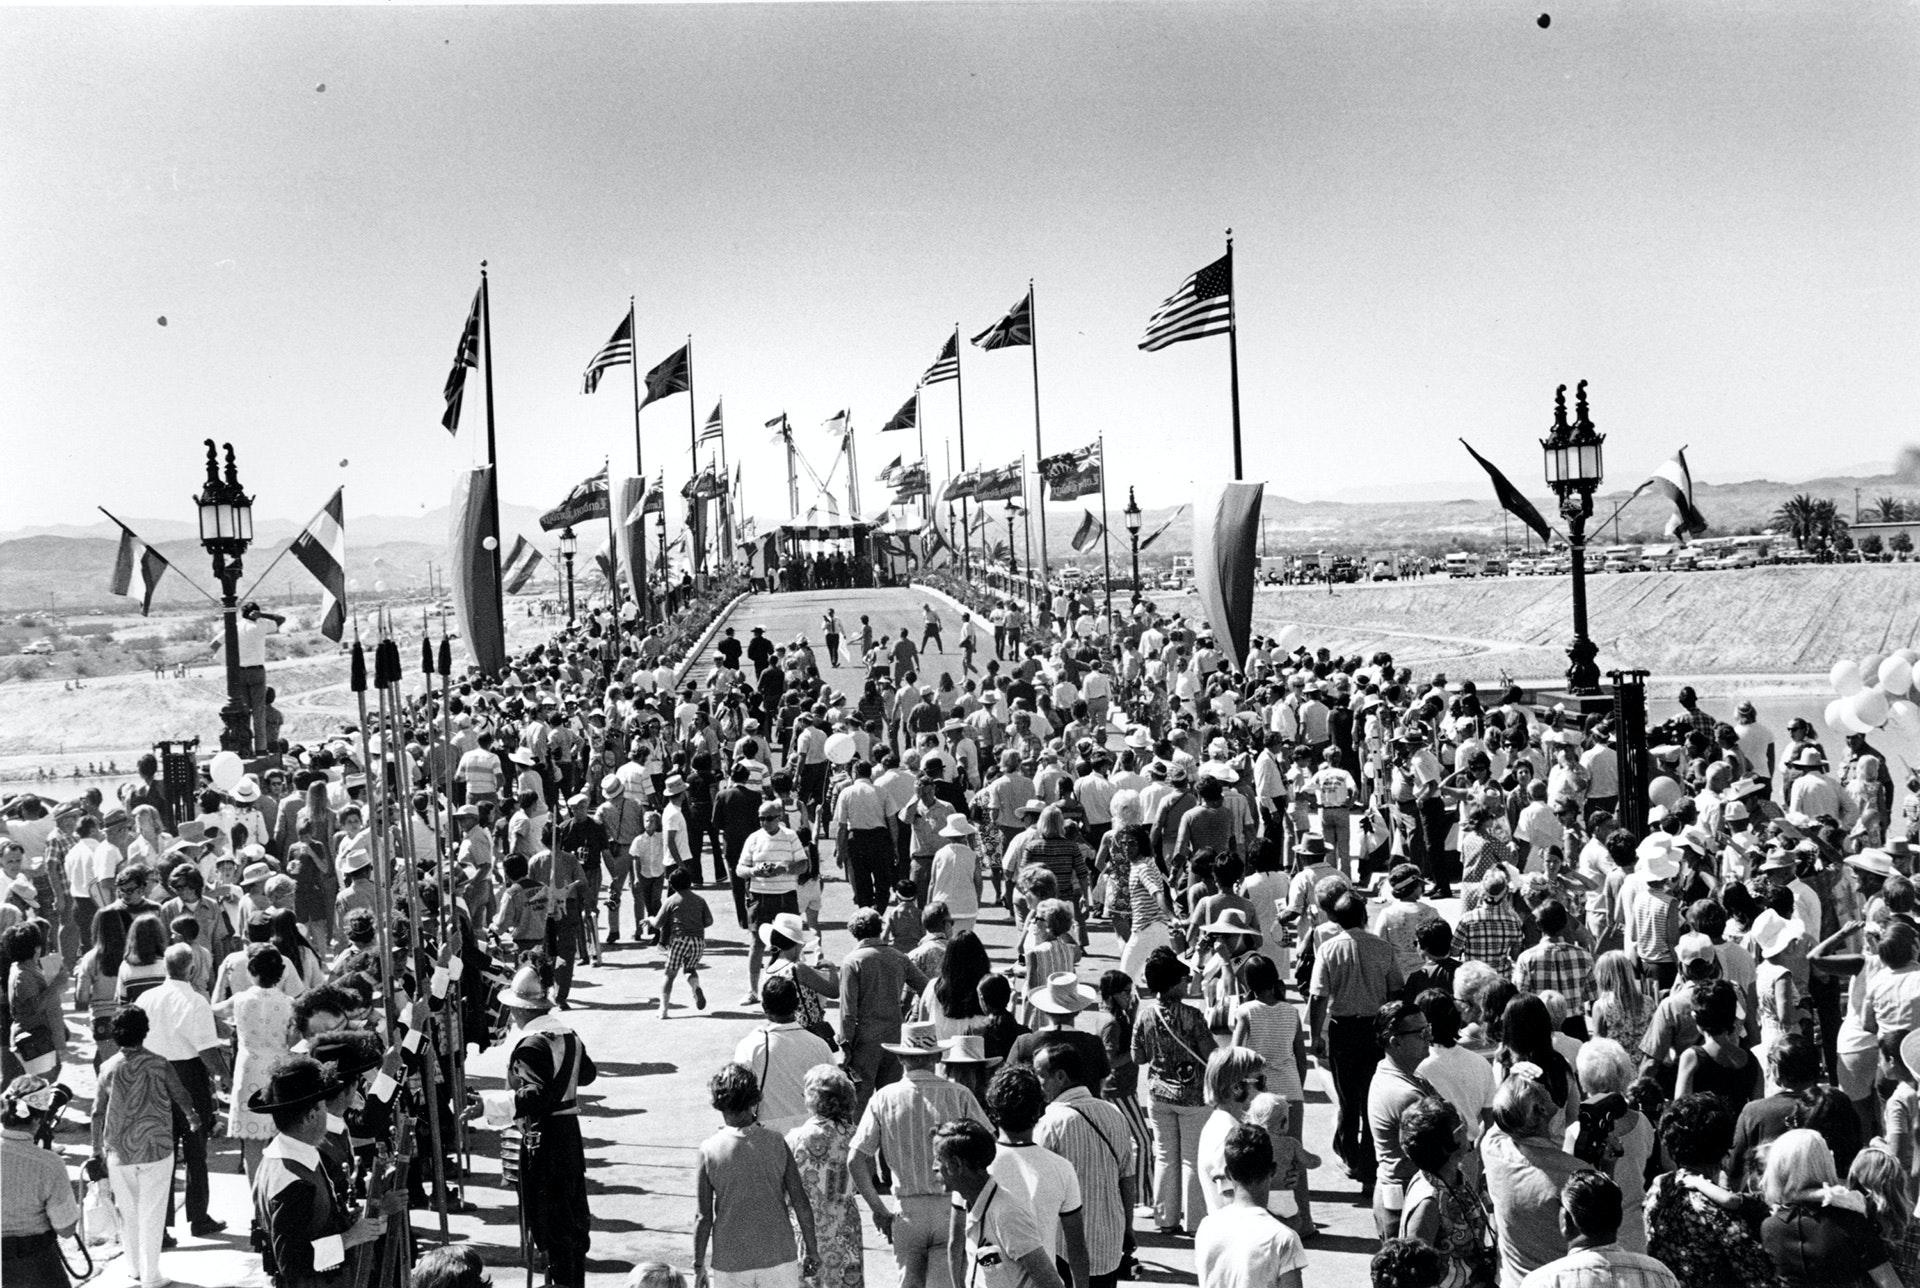 Открытие Лондонского моста в Лейк-Хавасу-Сити, 1971 год. Фото: AP Photo / East News